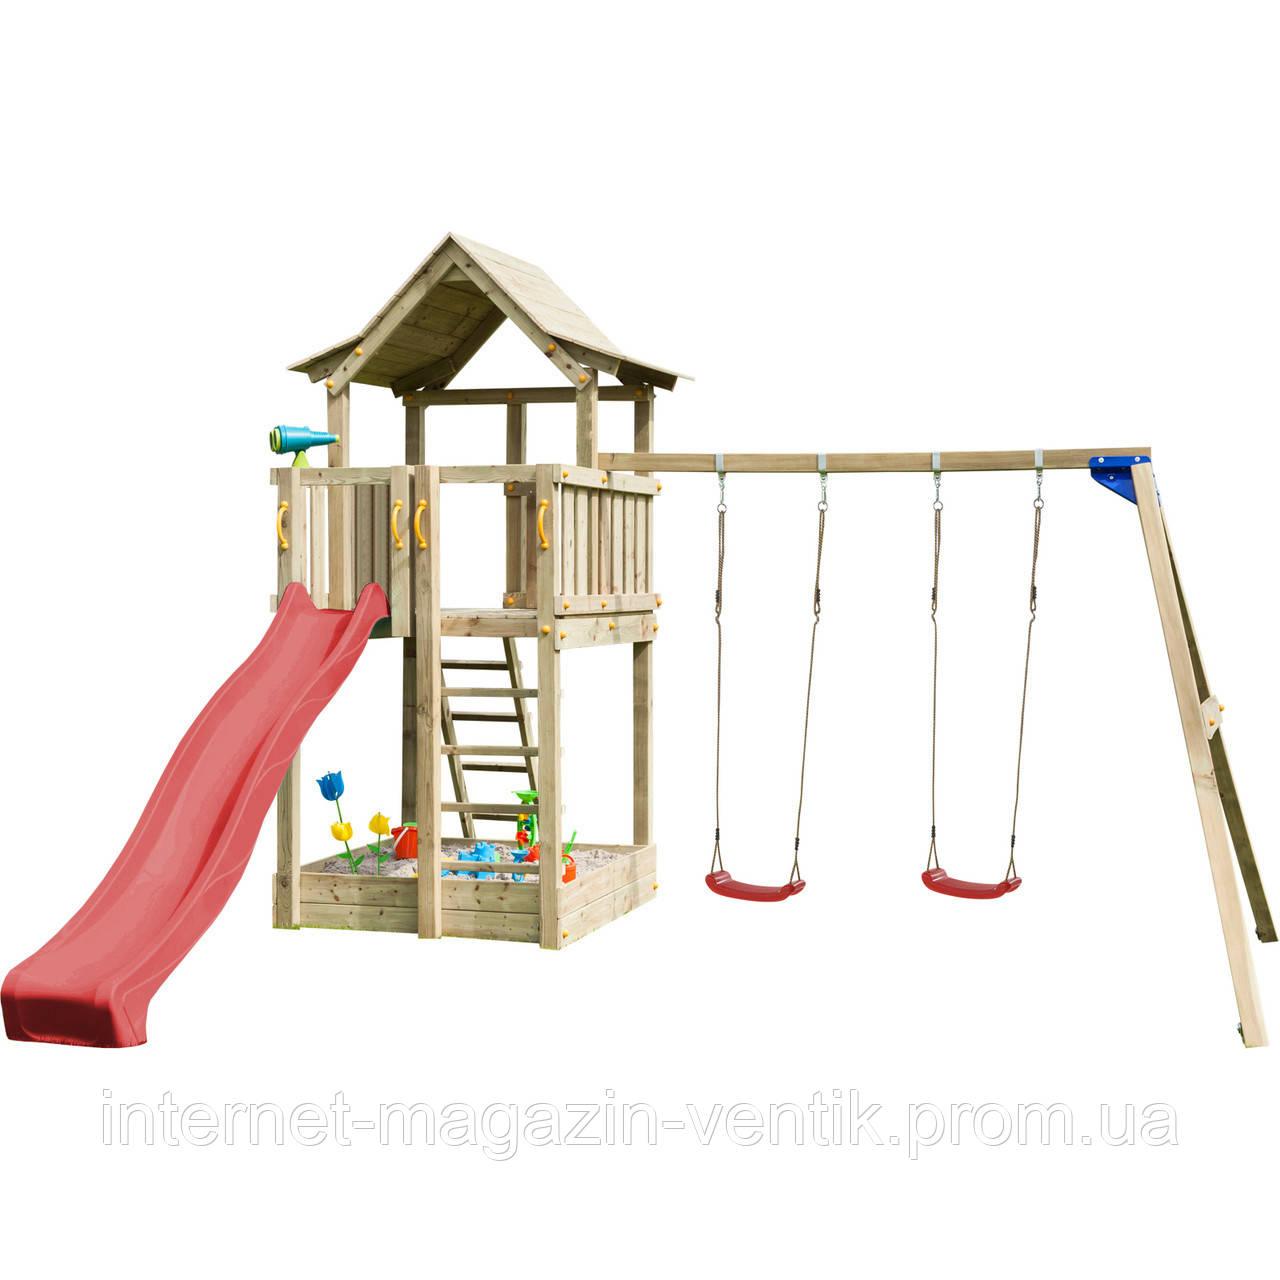 Детская игровая площадка Blue Rabbit PAGODA + SWING